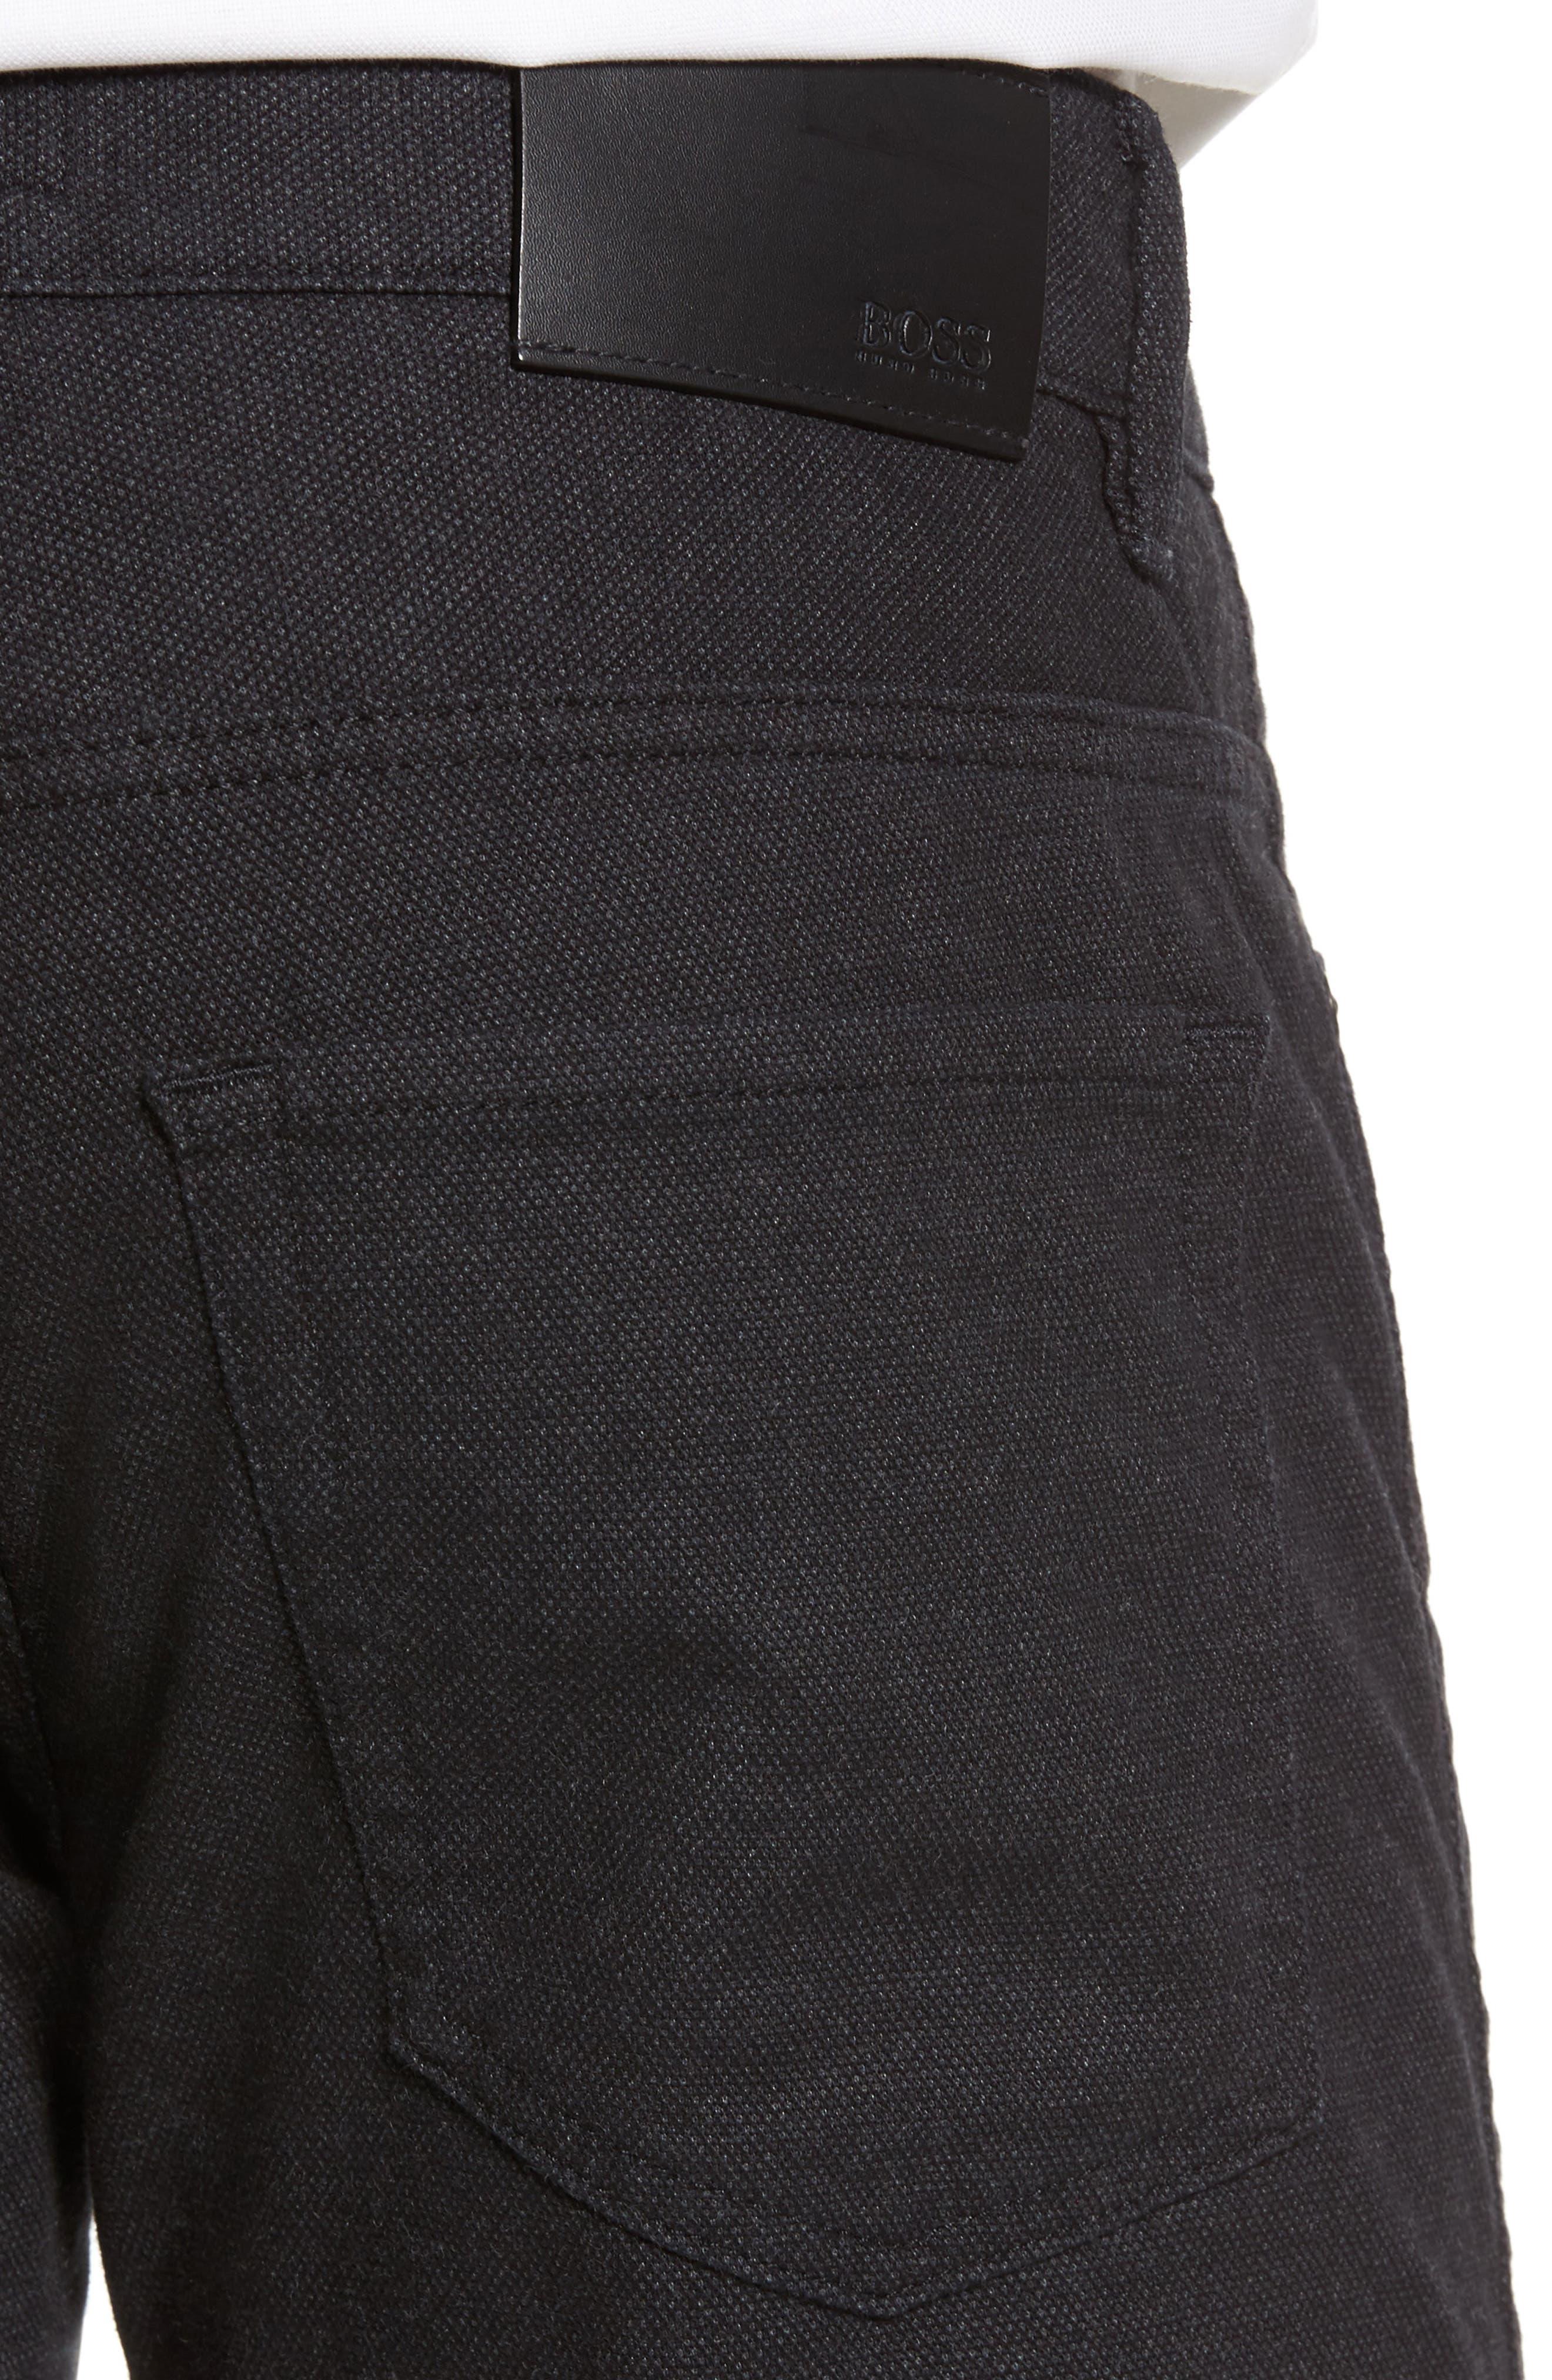 Alternate Image 4  - BOSS Delaware Slim 5-Pocket Pants